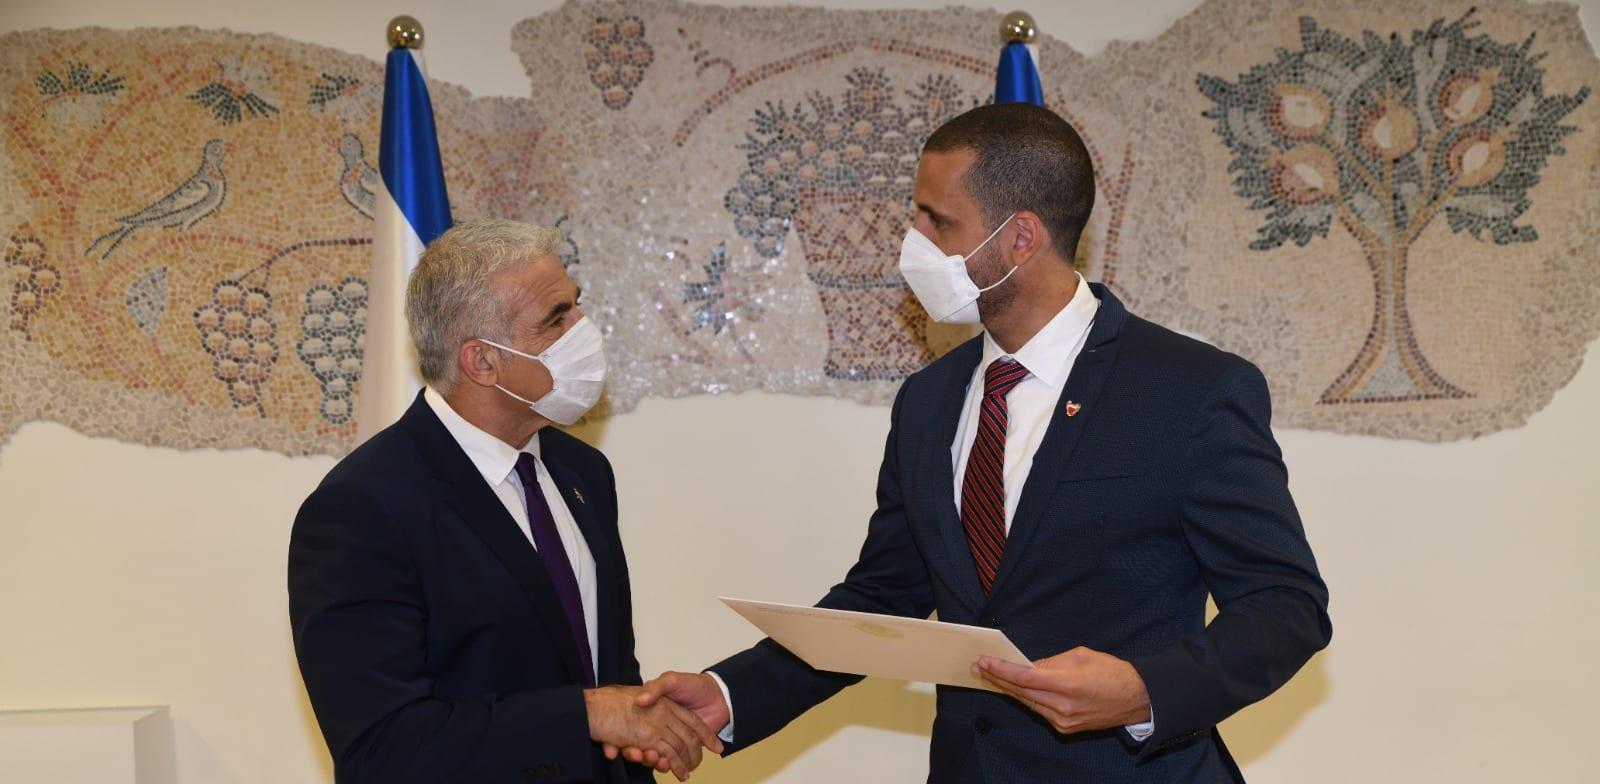 שר החוץ יאיר לפיד והשגריר הבחרייני ח'אלד יוסף אל-ג'לאהמה / צילום: אלעד גוטמן